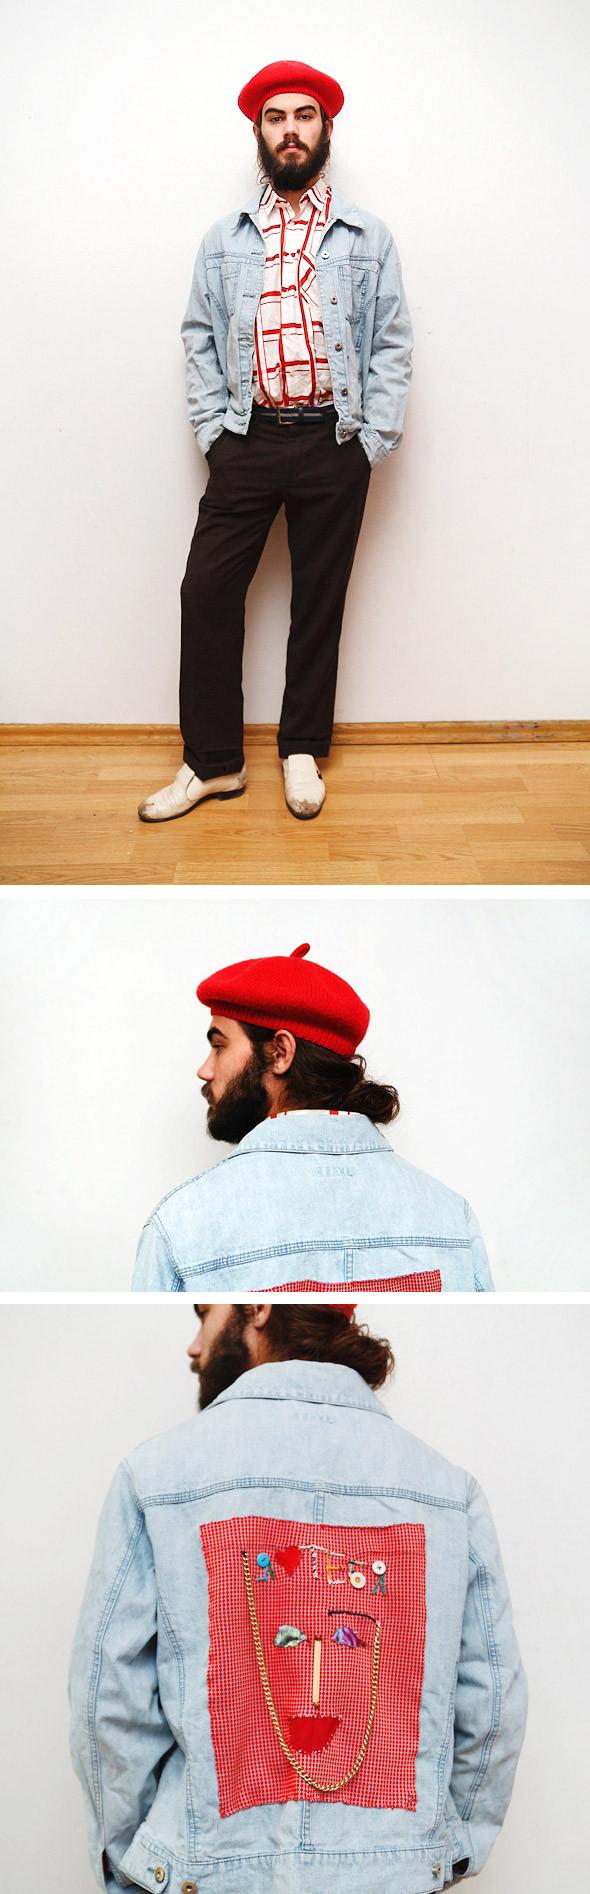 Гардероб: Павлик Кузнецов, художник и скейтер. Изображение № 6.